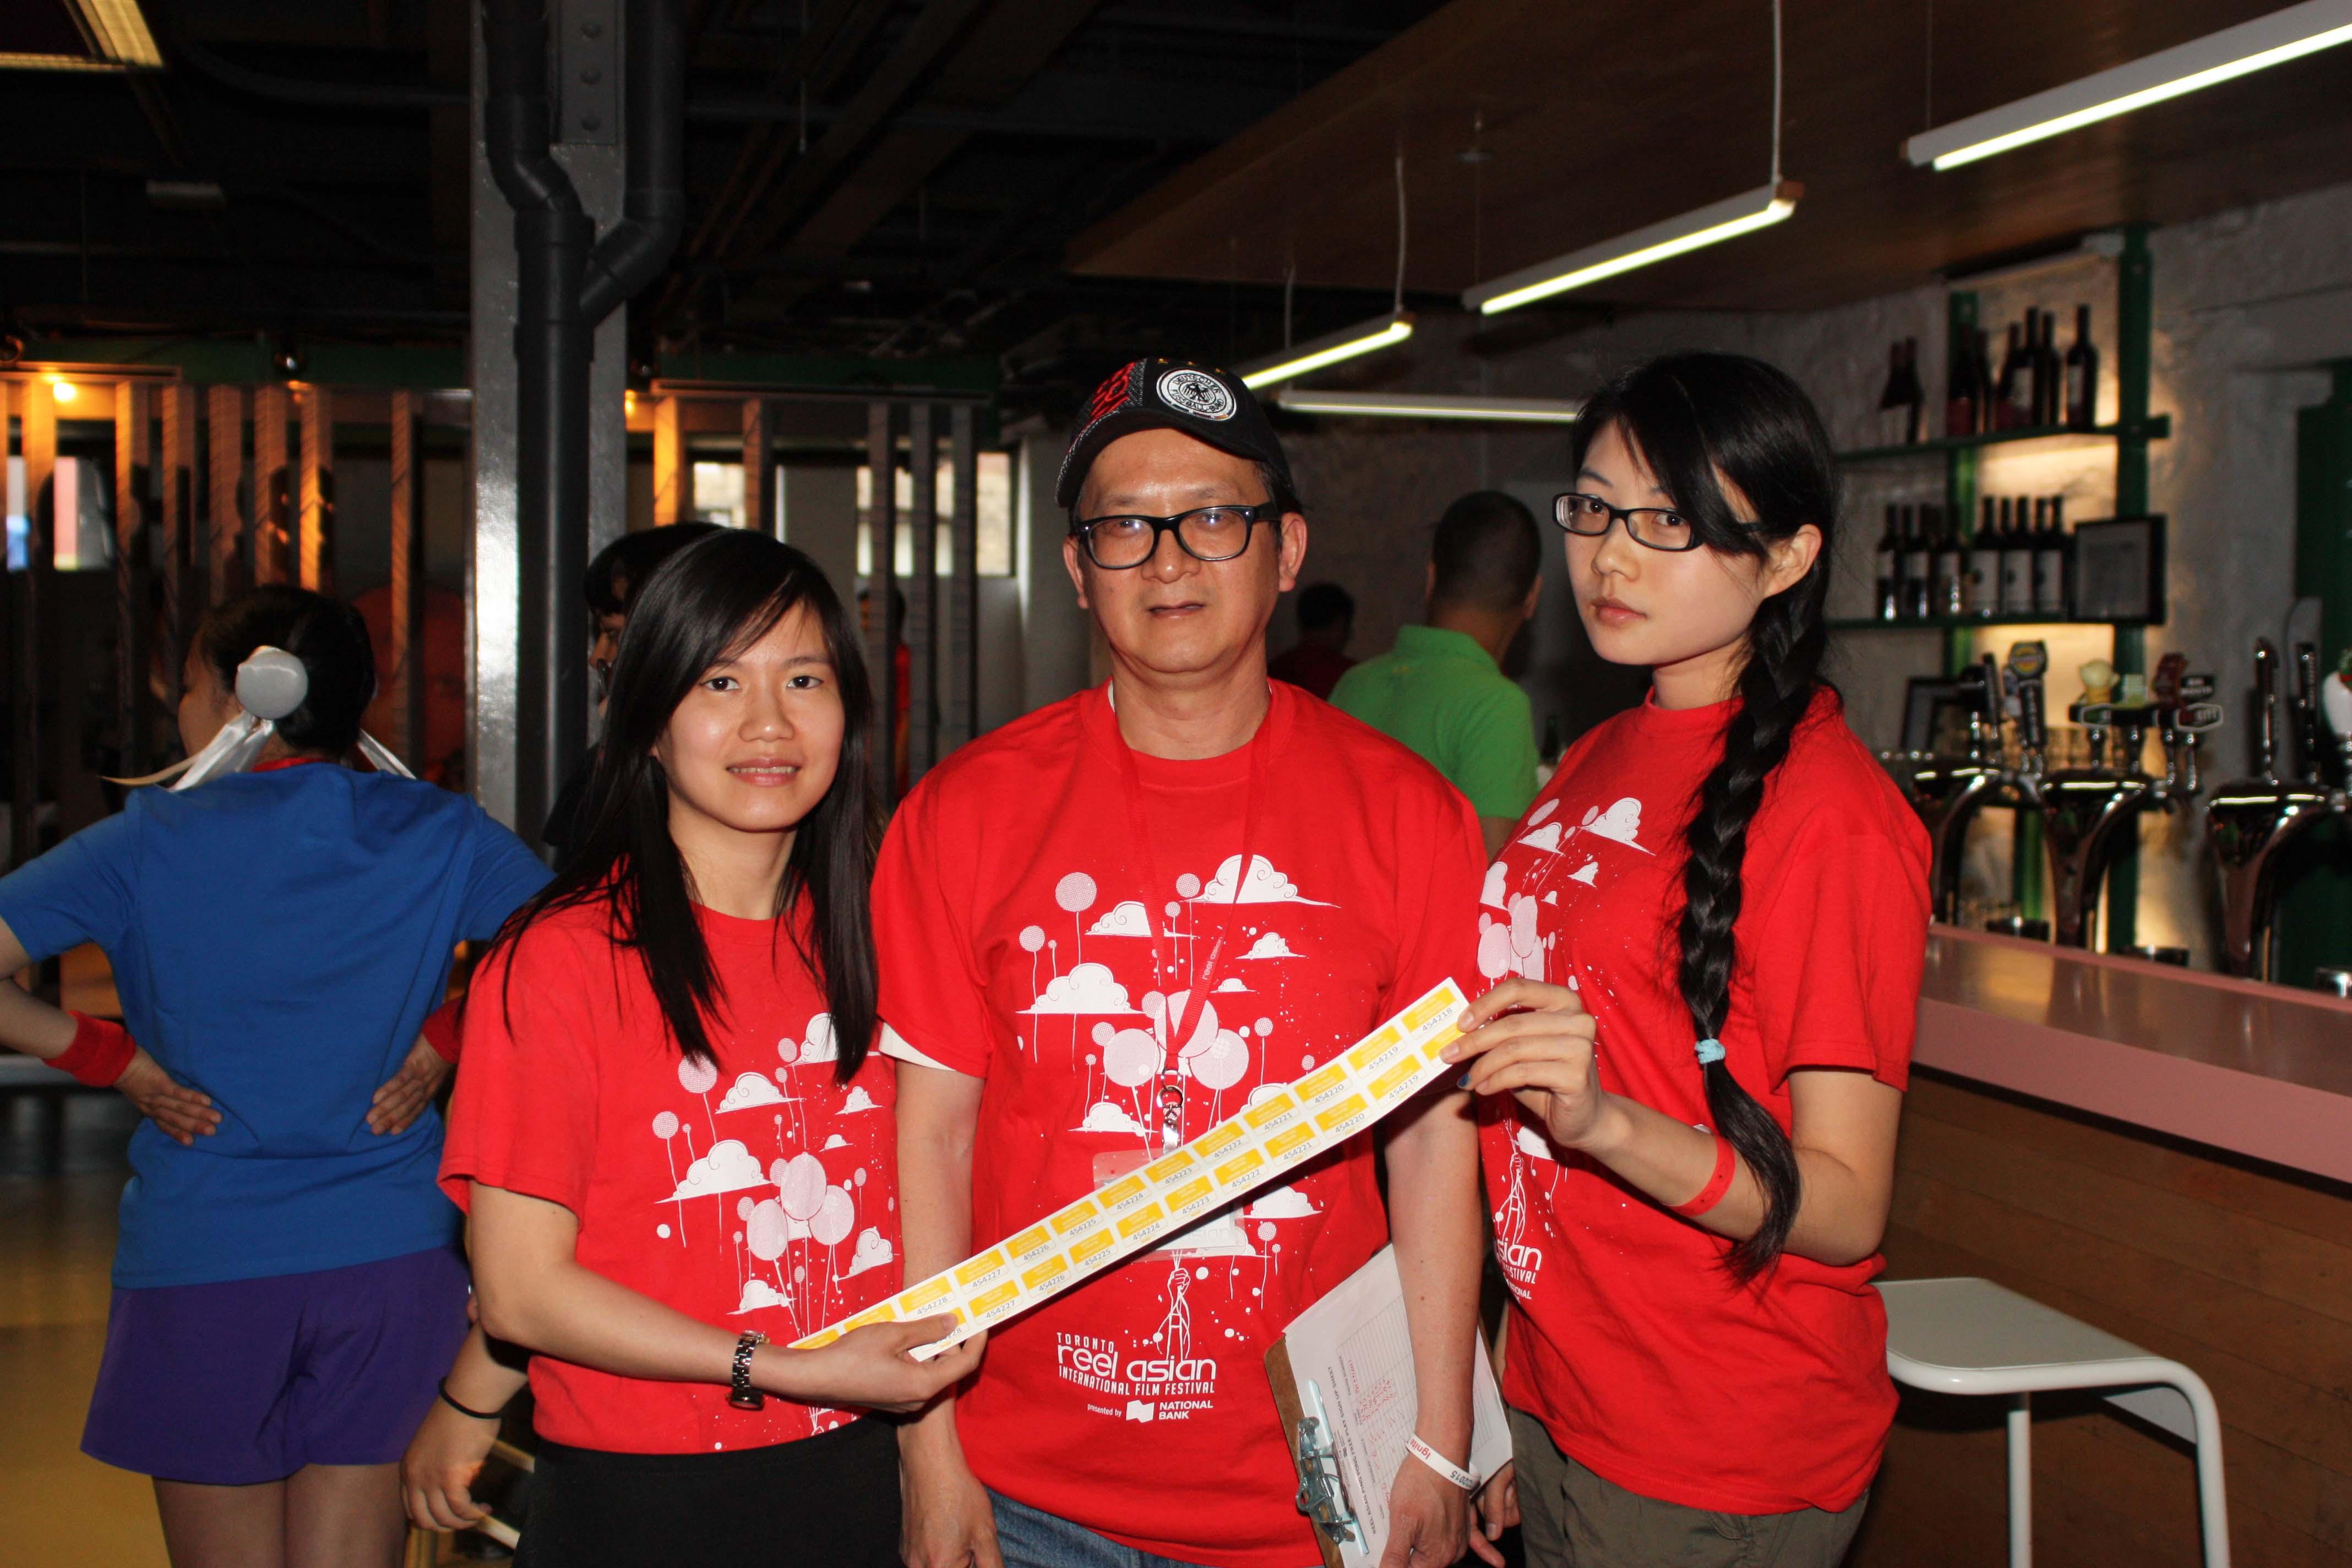 pp volunteers